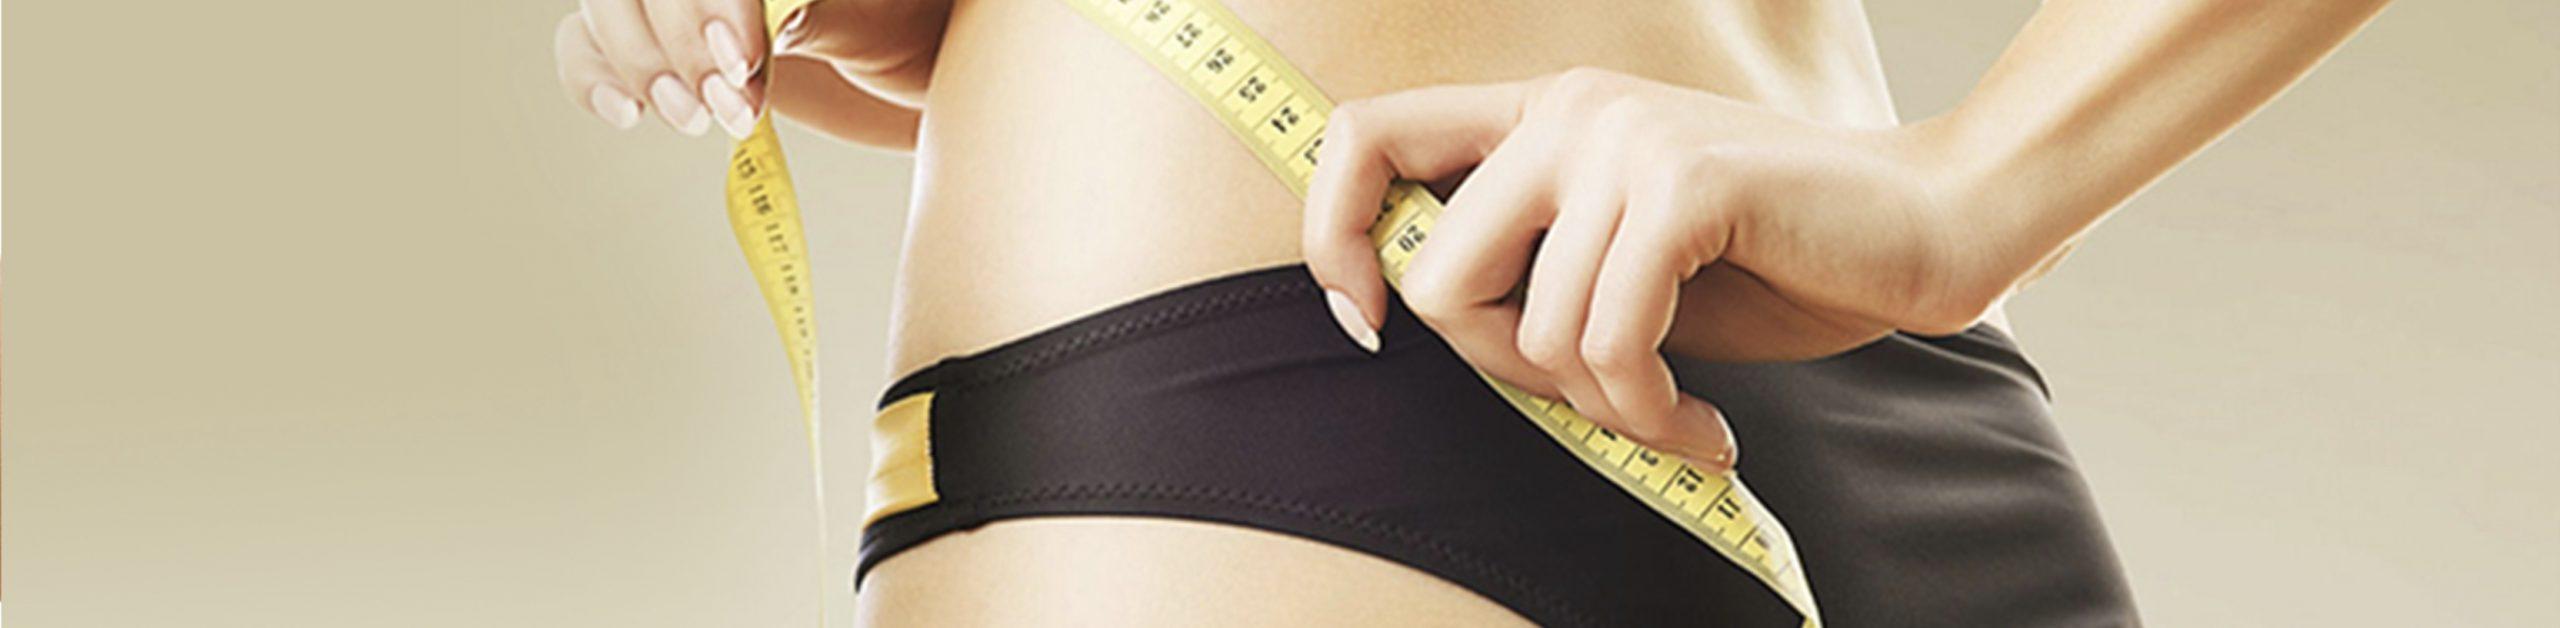 Аппарат для похудения и борьбы с целлюлитом